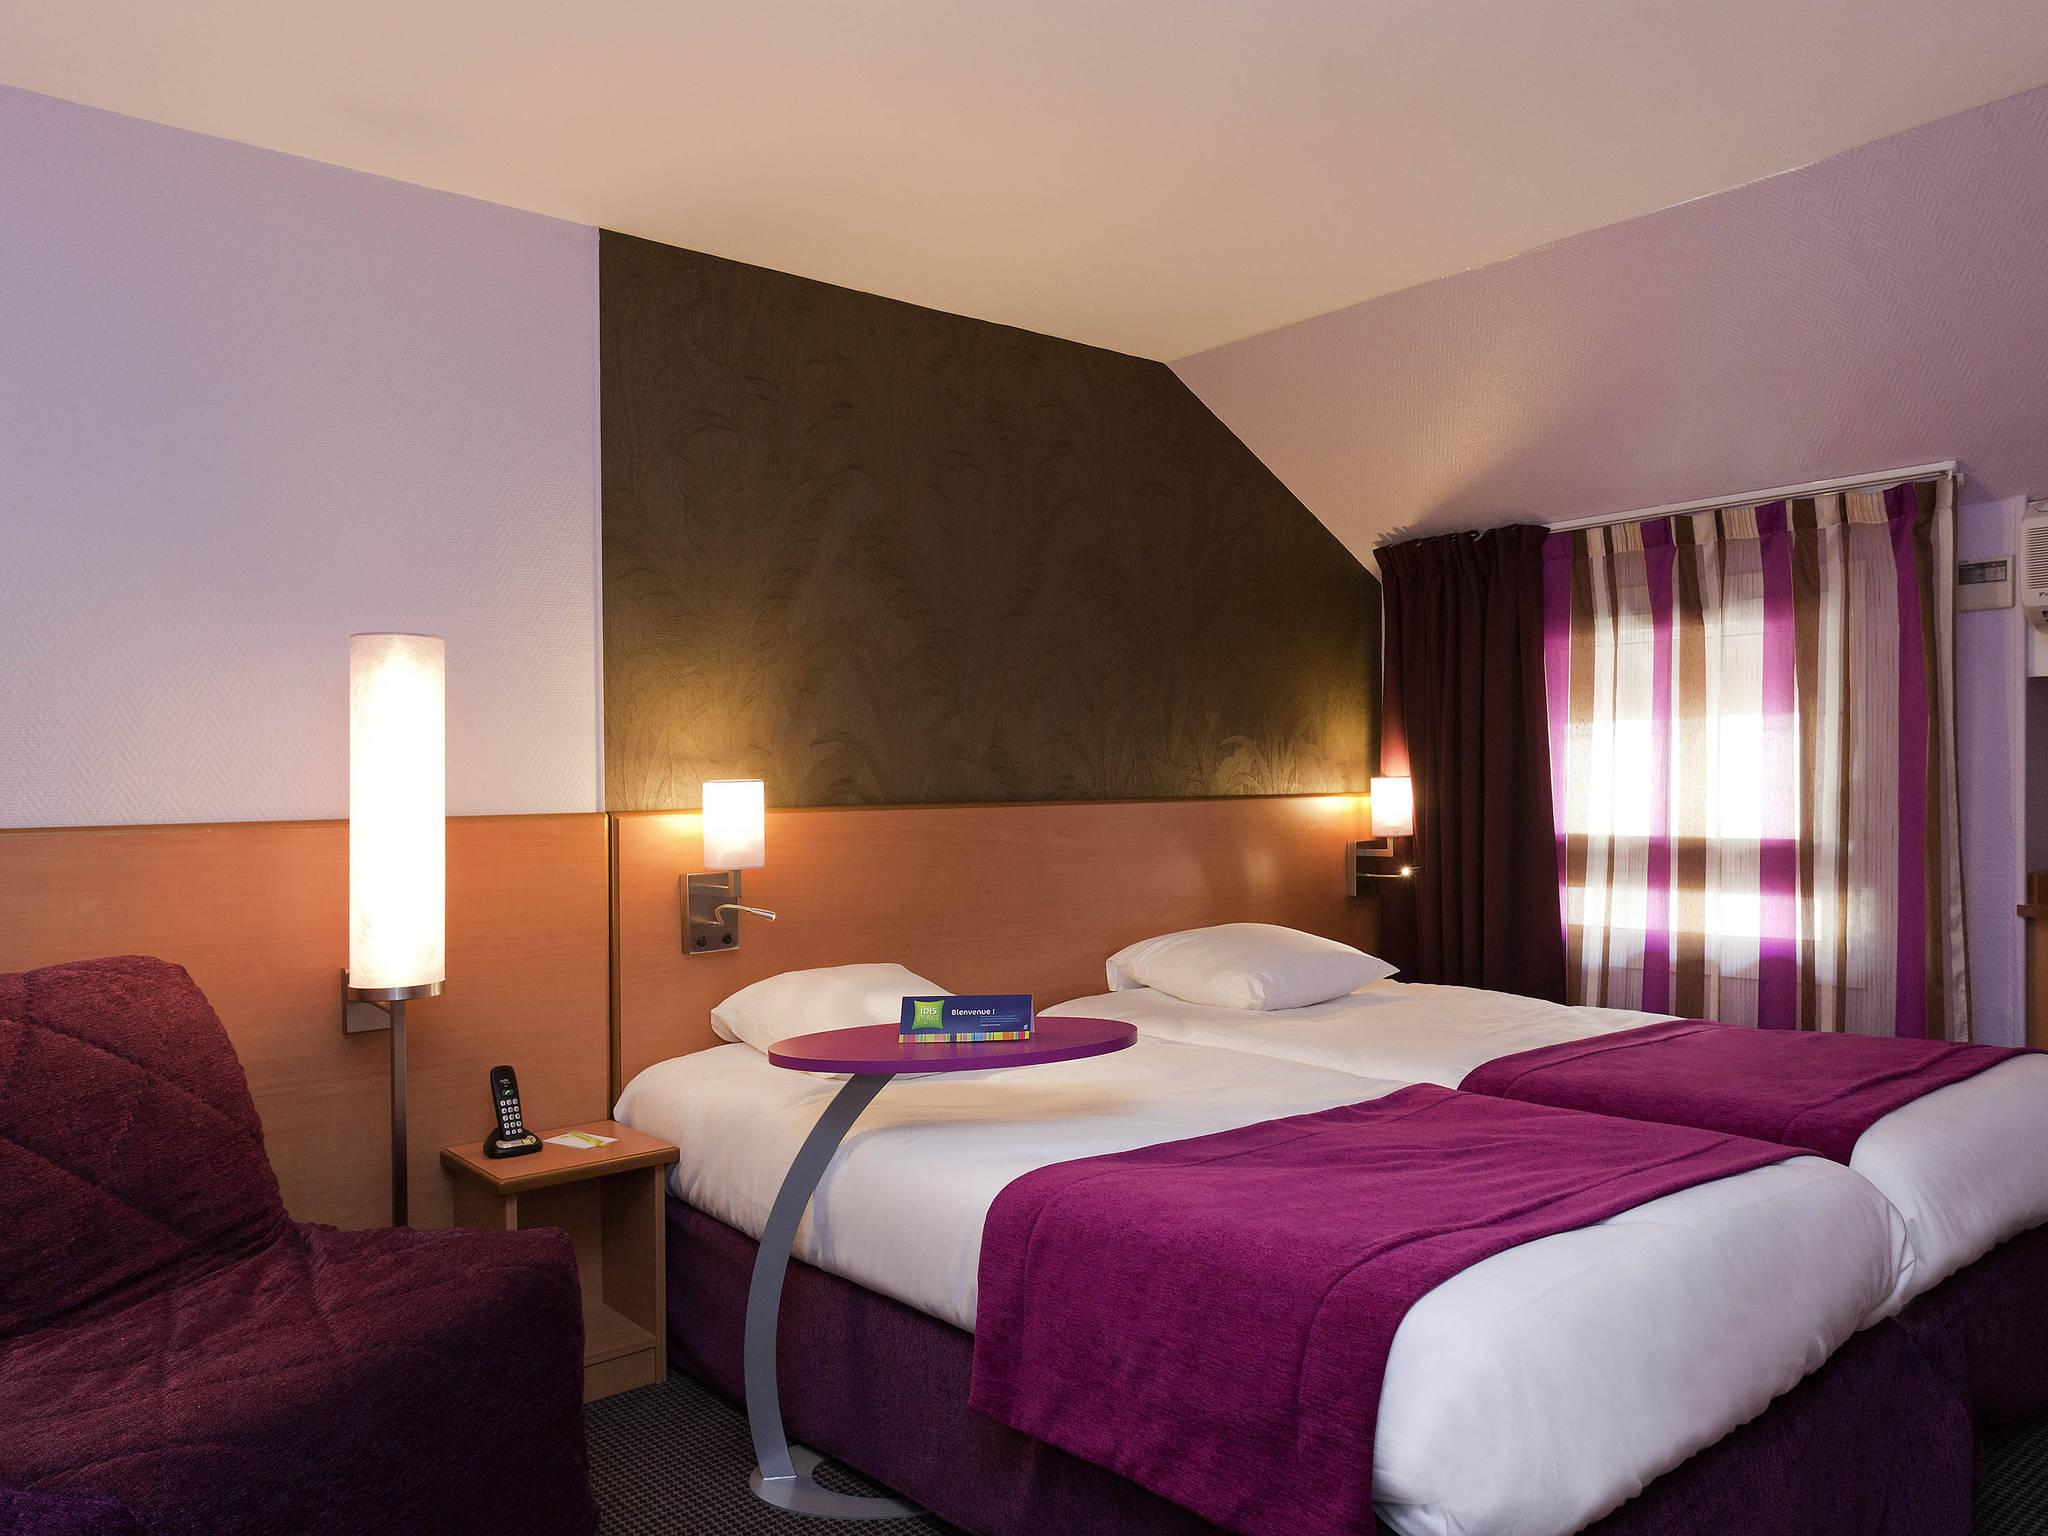 H Tel Bourg En Bresse Ibis Styles Bourg En Bresse